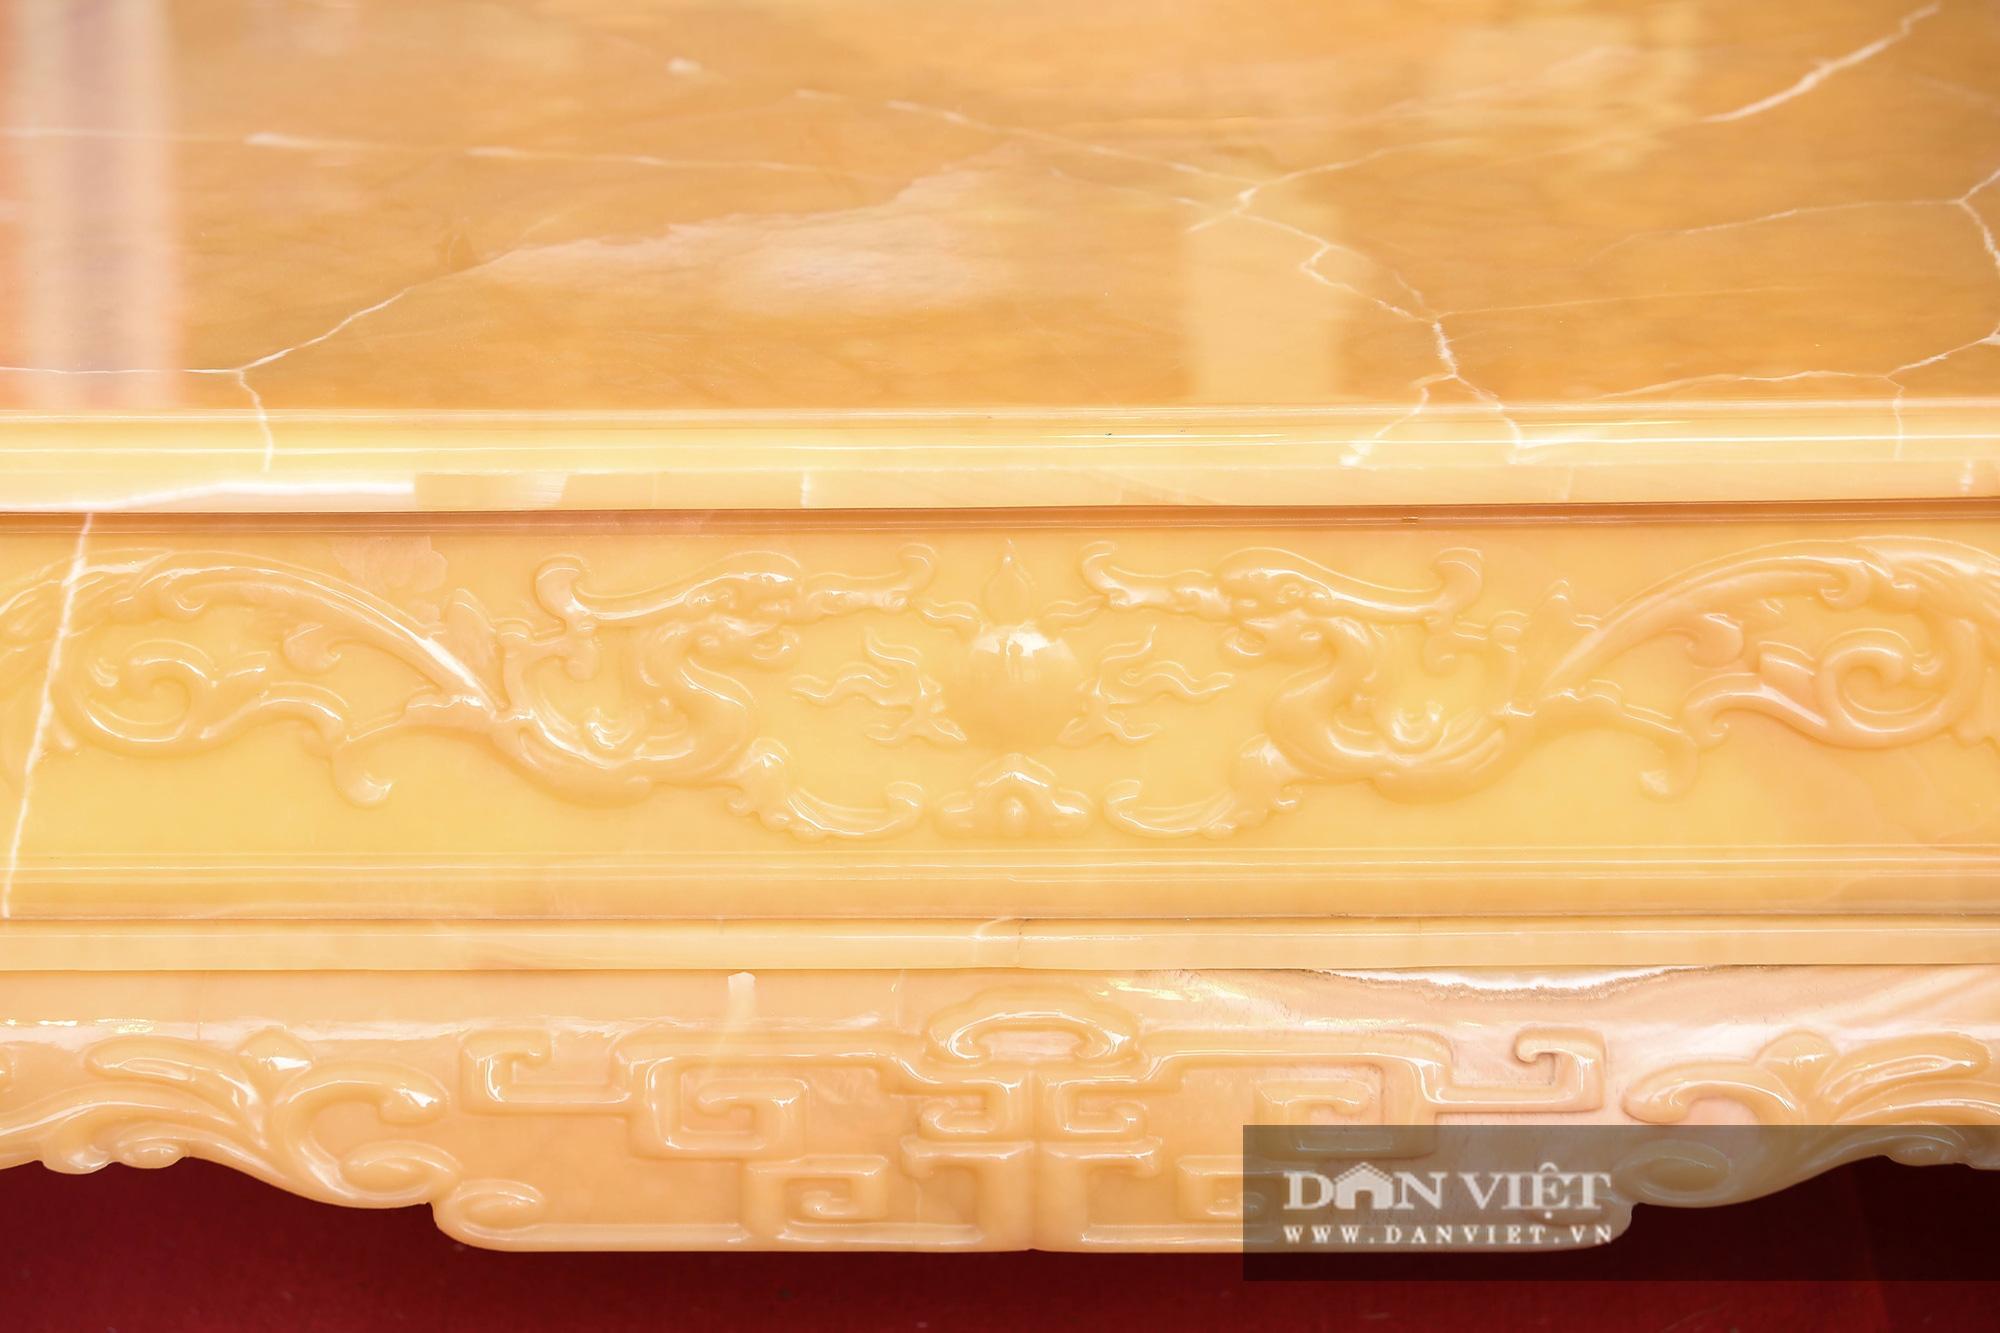 Xôn xao bộ bàn ghế làm bằng ngọc Hoàng Long giá tiền tỷ tại Hà Nội - Ảnh 4.